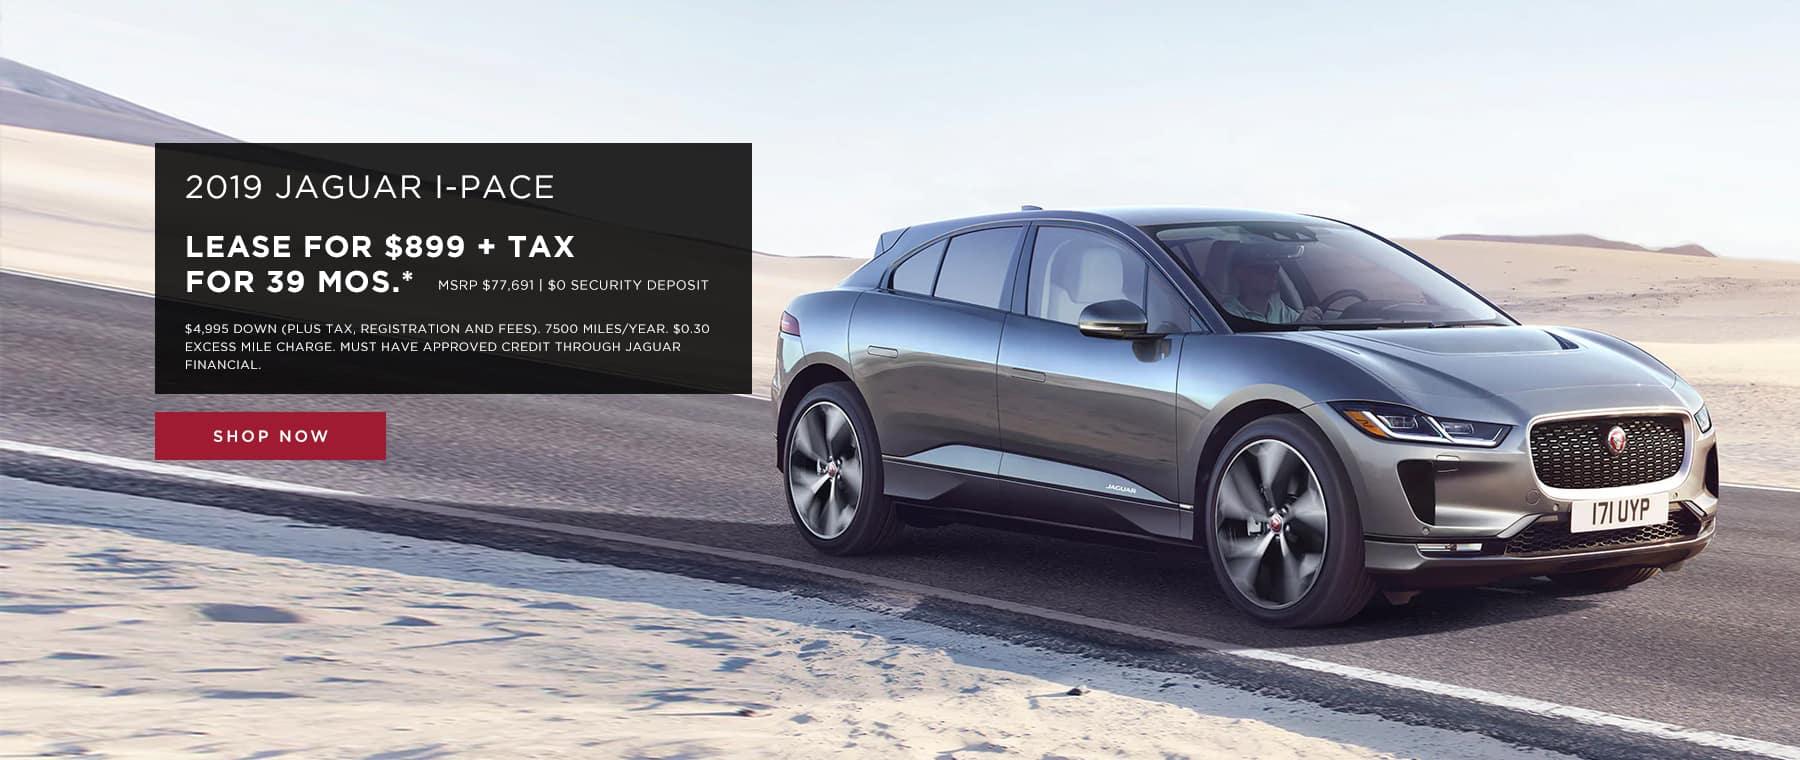 Jaguar I-PACE Lease Offer